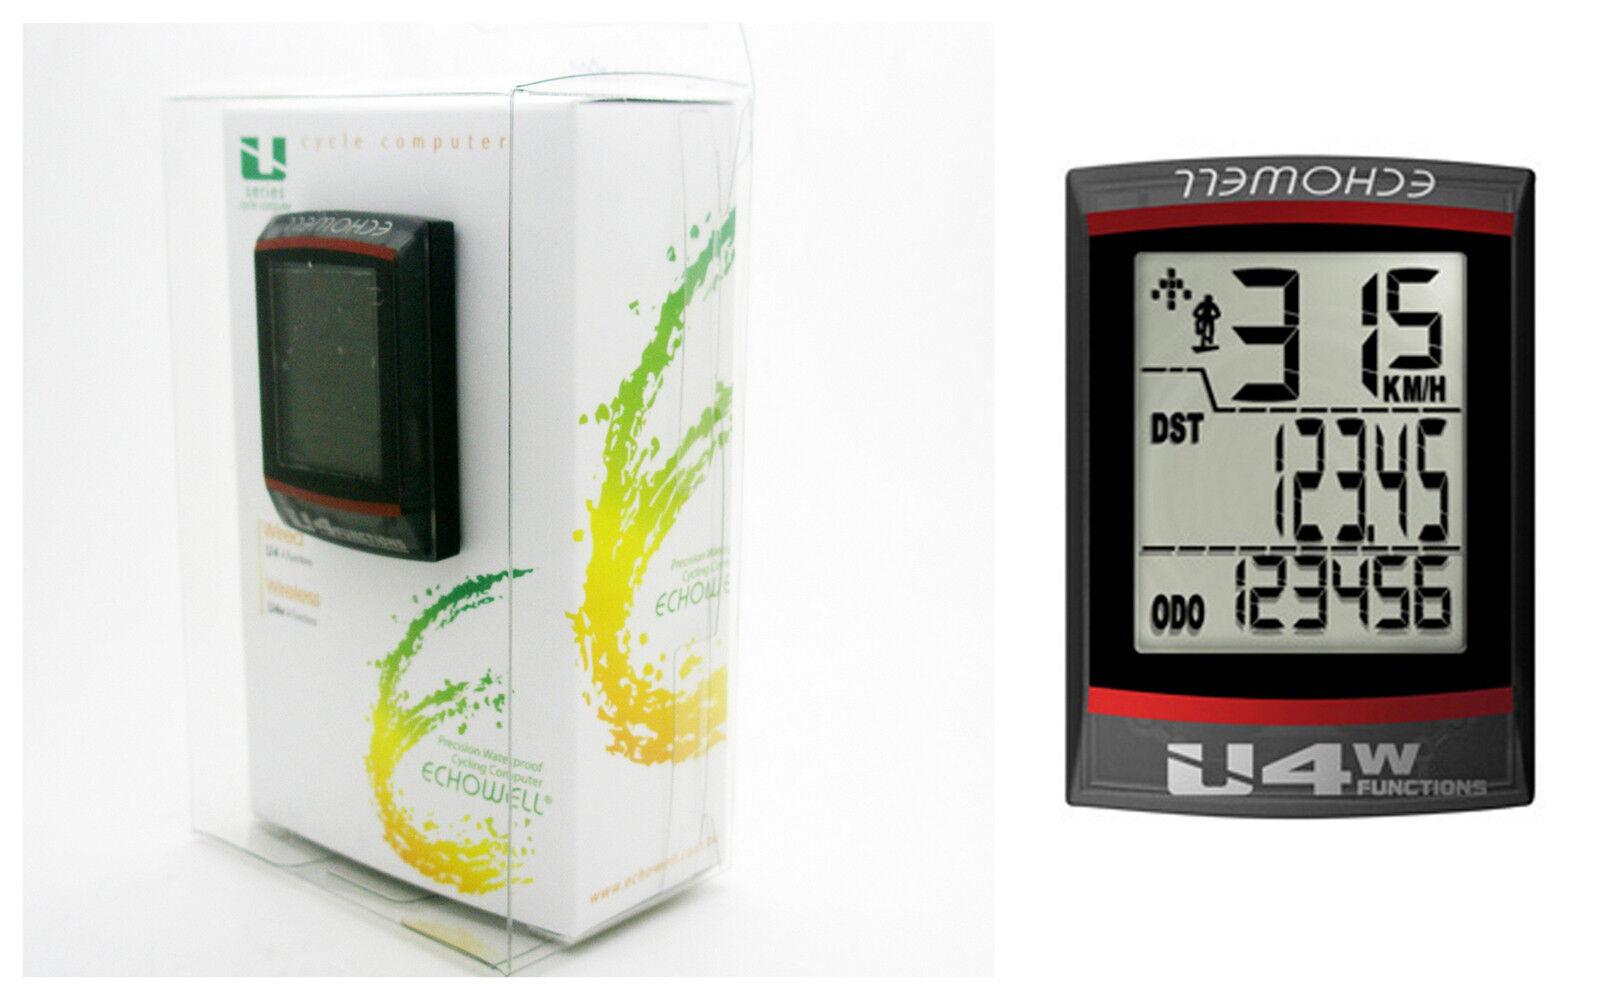 Cuentakilometros Ciclocomputador Multifuncion Pantalla LCD 4F Bicicleta 3188ng